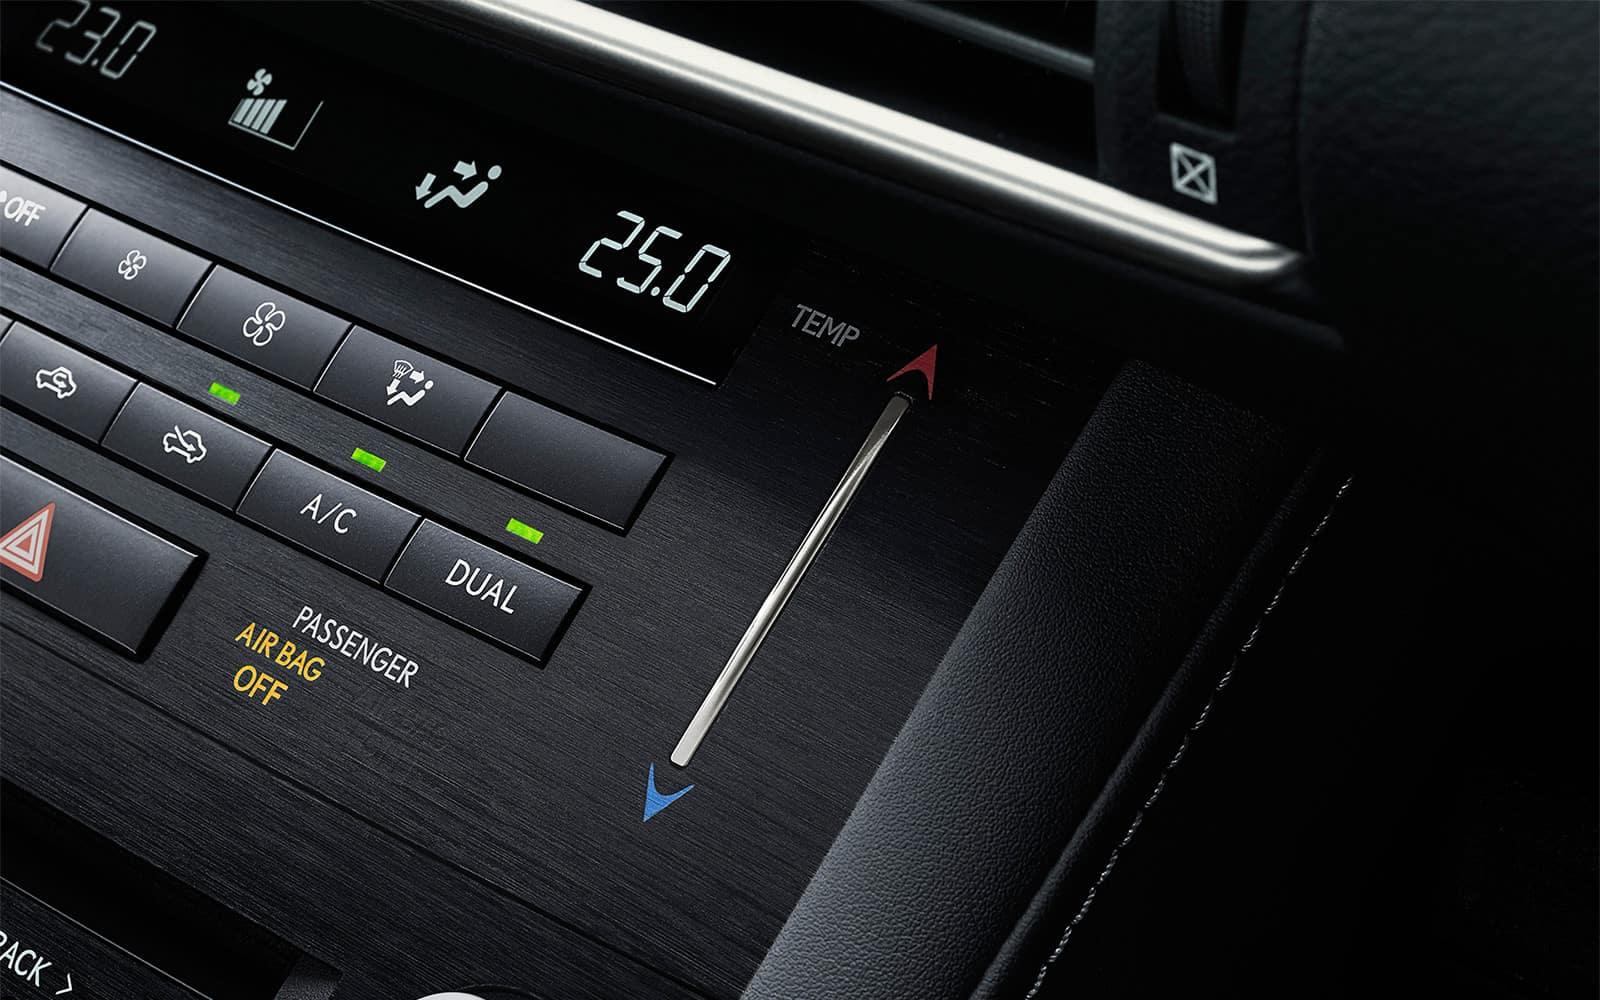 lexus-2018-is-electrostatic-temperature-control-switch-interior-l